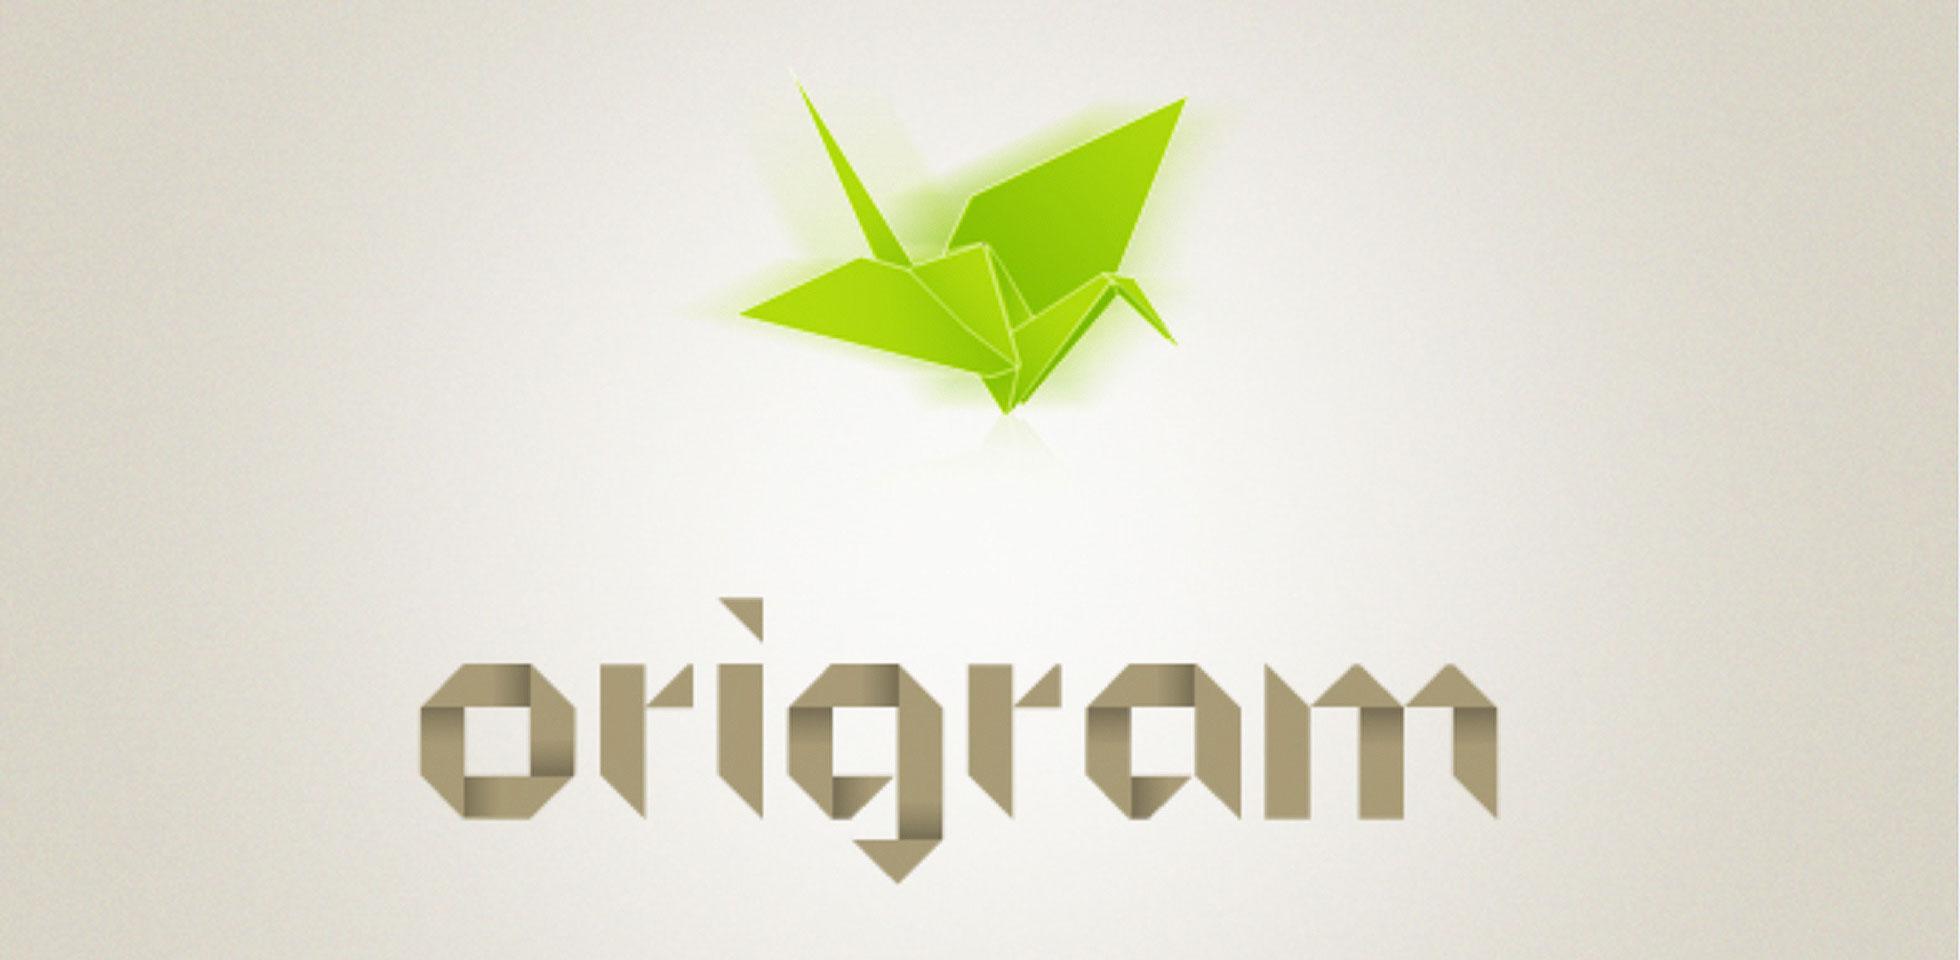 Free Download: ORIGRAM Font